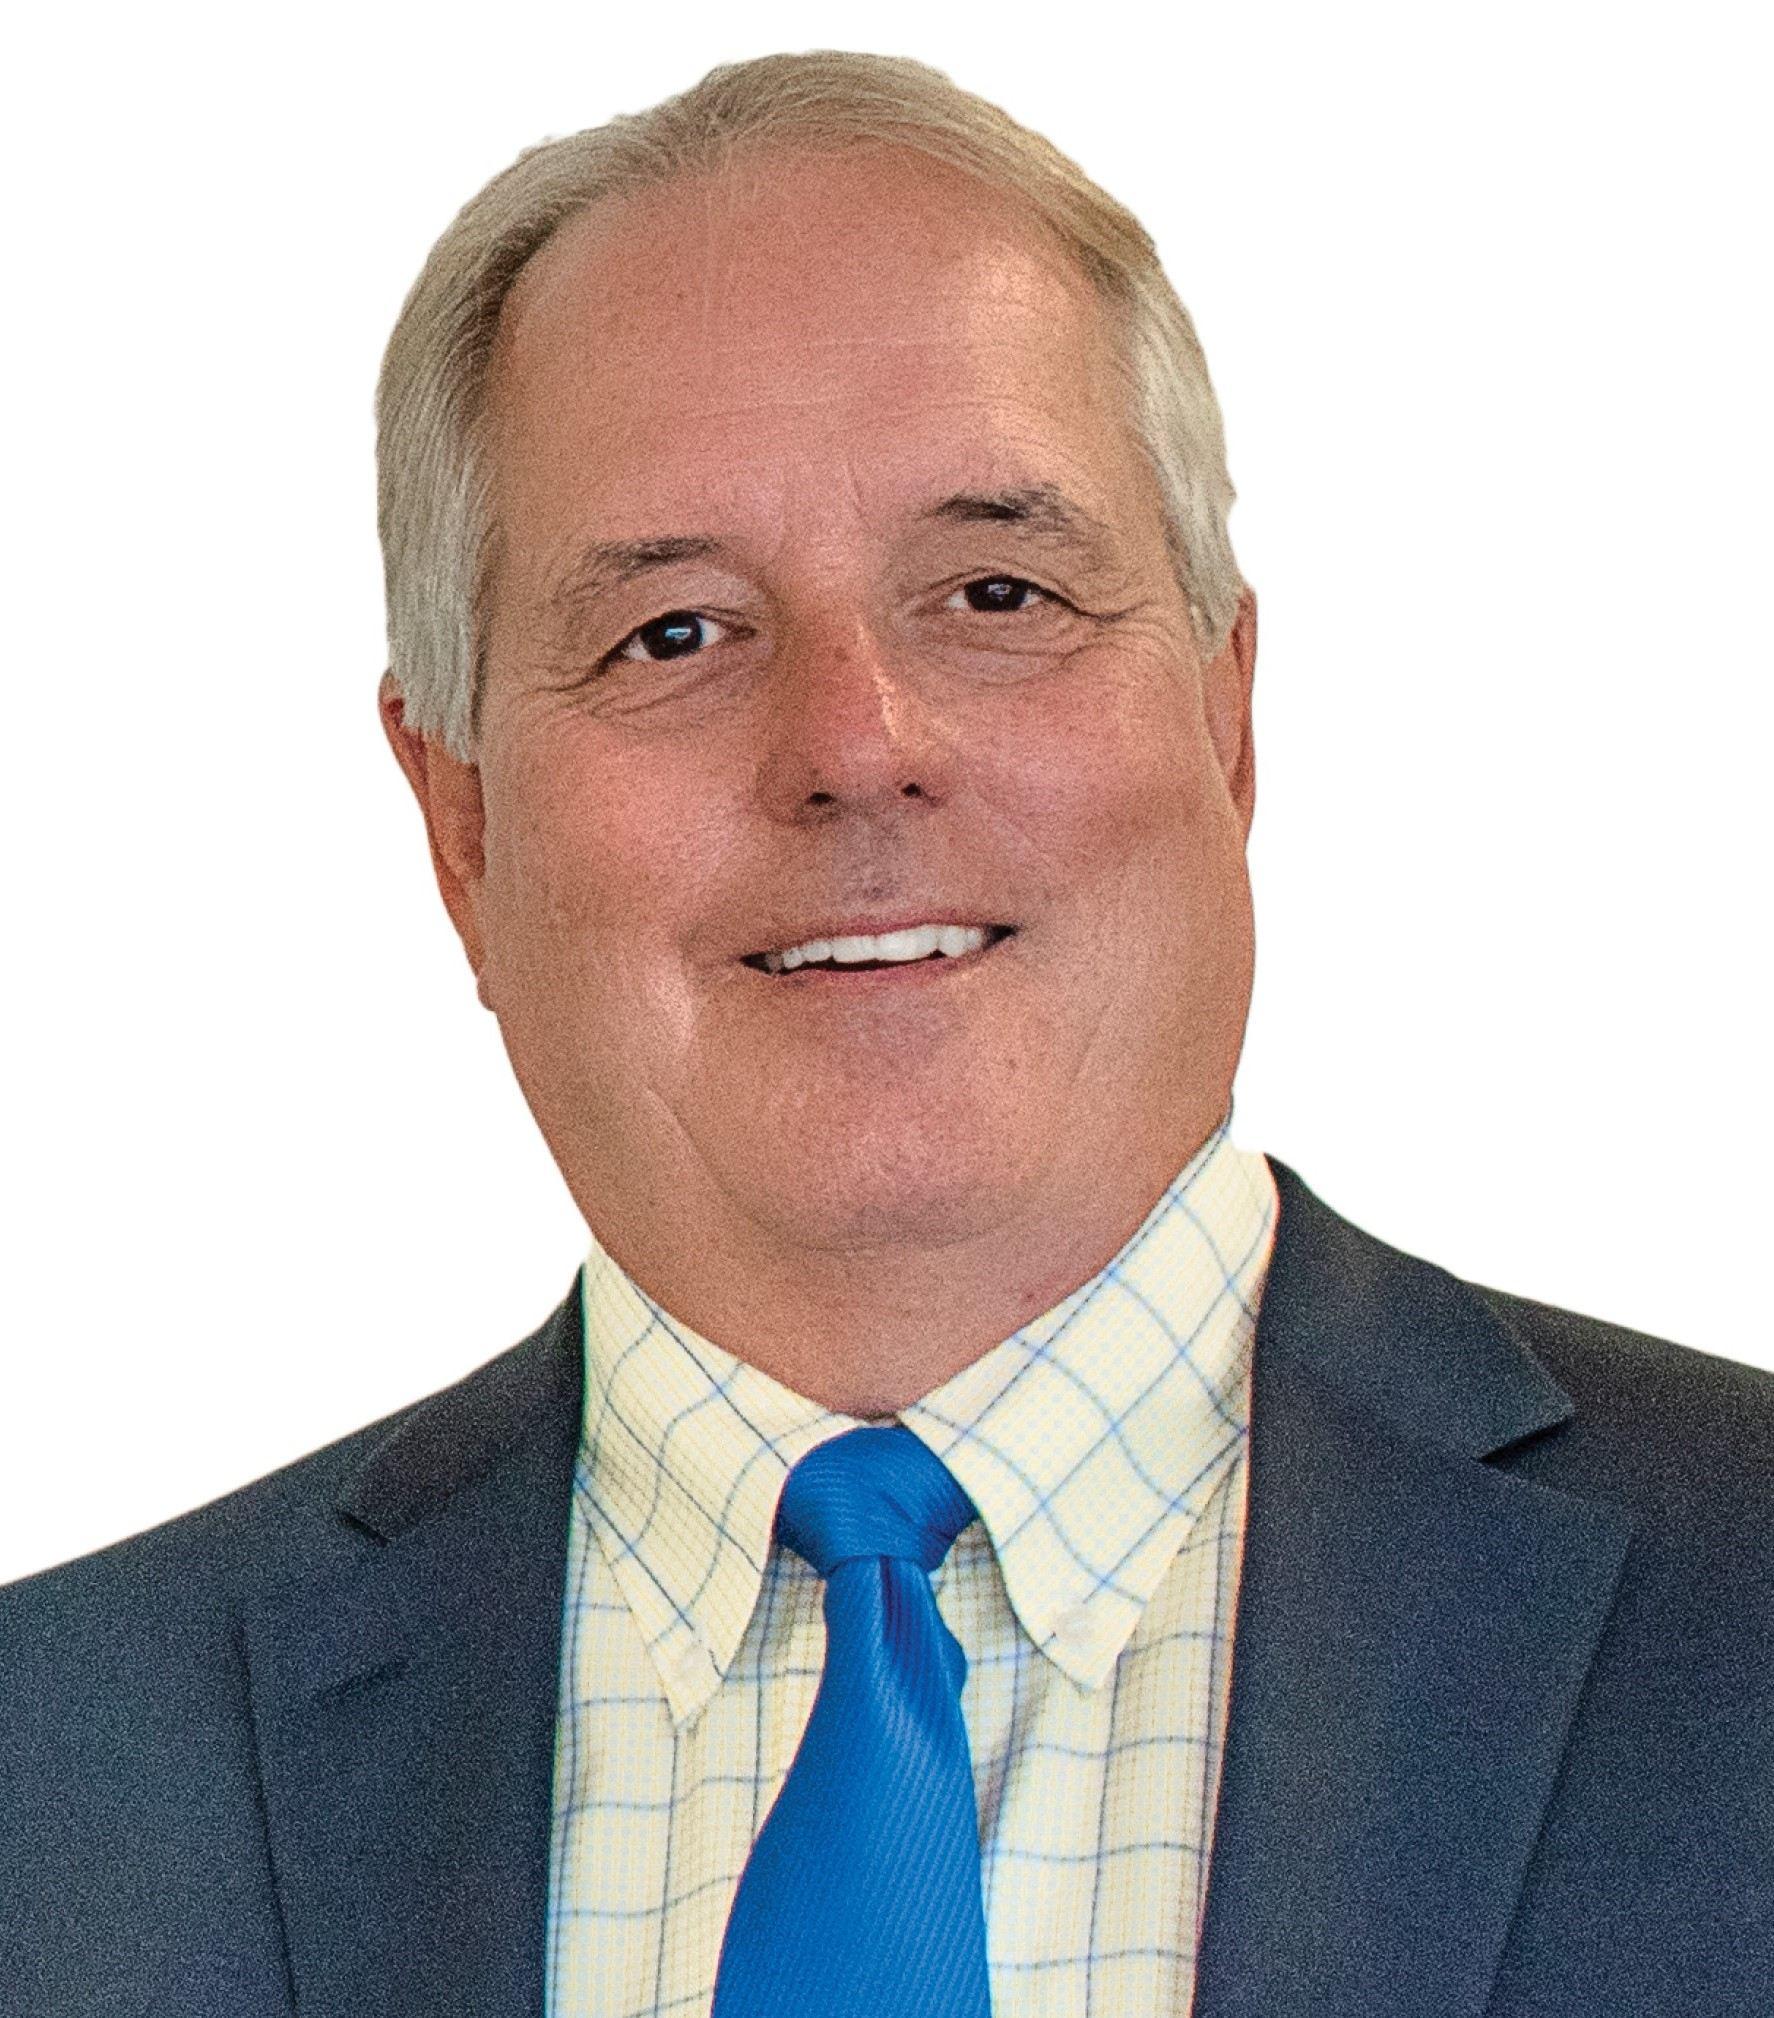 Gary Scenti